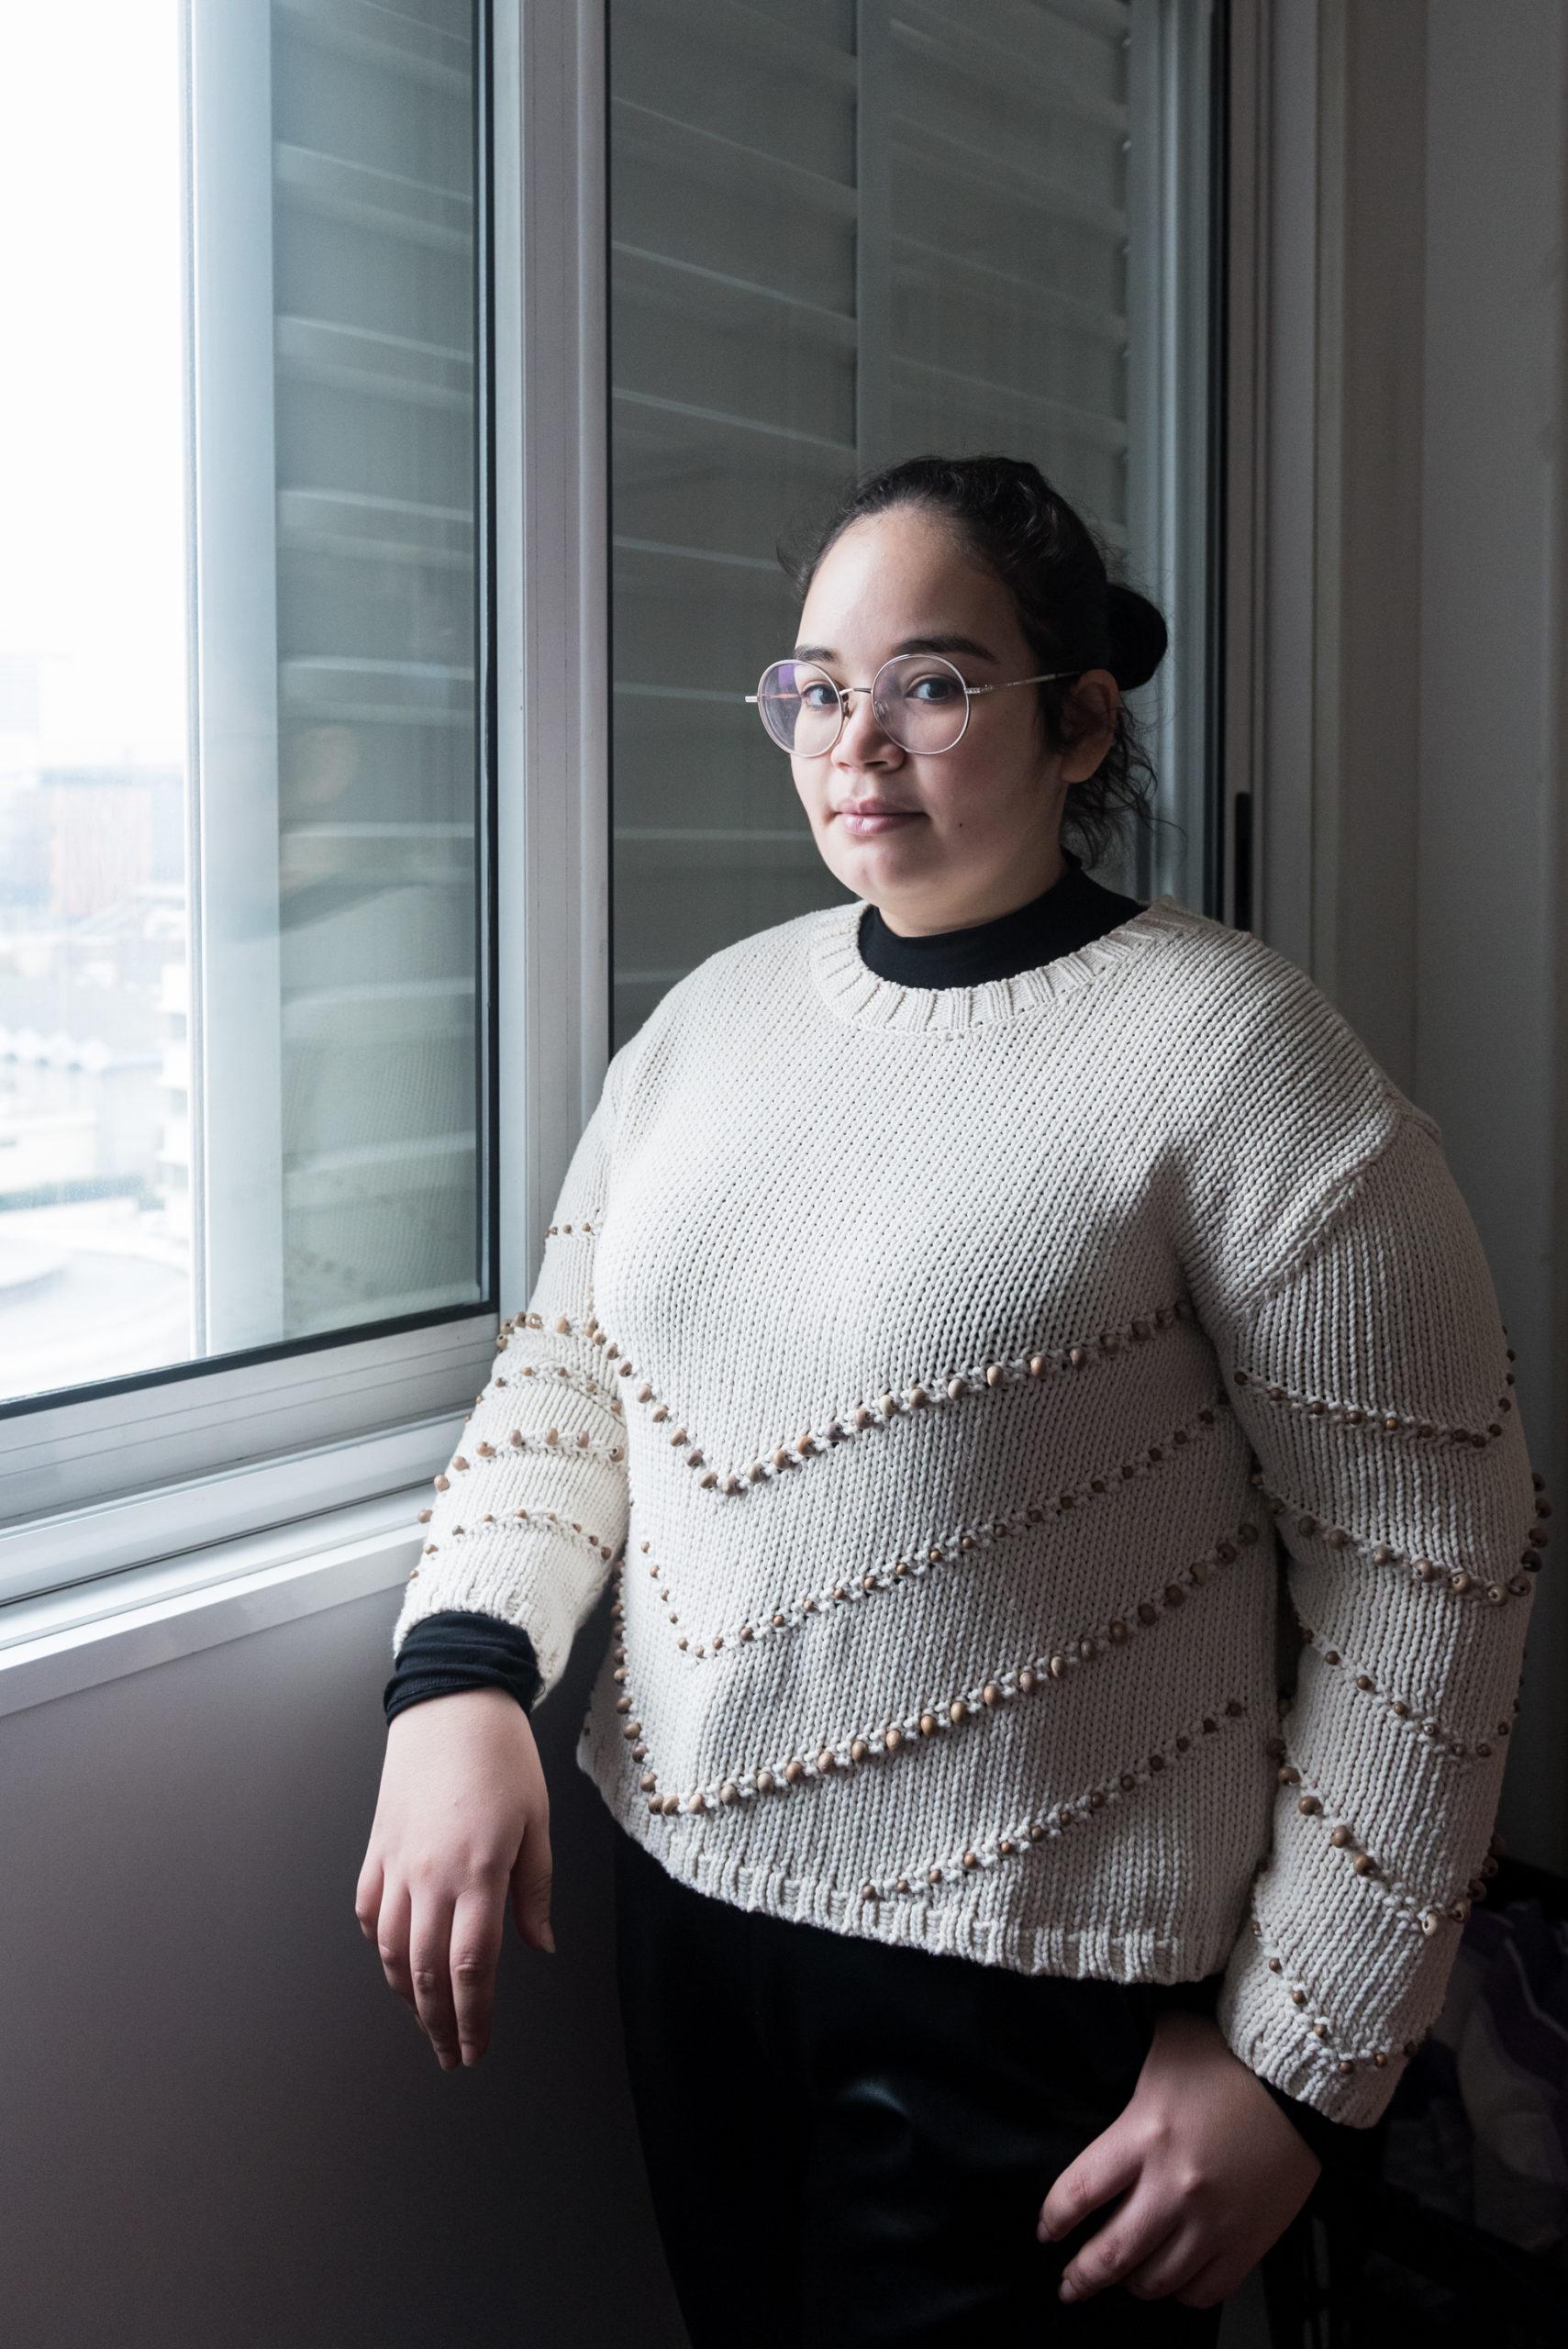 Chaïma, 24 ans, est étudiante en M2 Langues à l'université de Nanterre. Avec des amies, elles ont créé l'association ATR 92 qui vient en aide aux résidents les plus précaires.